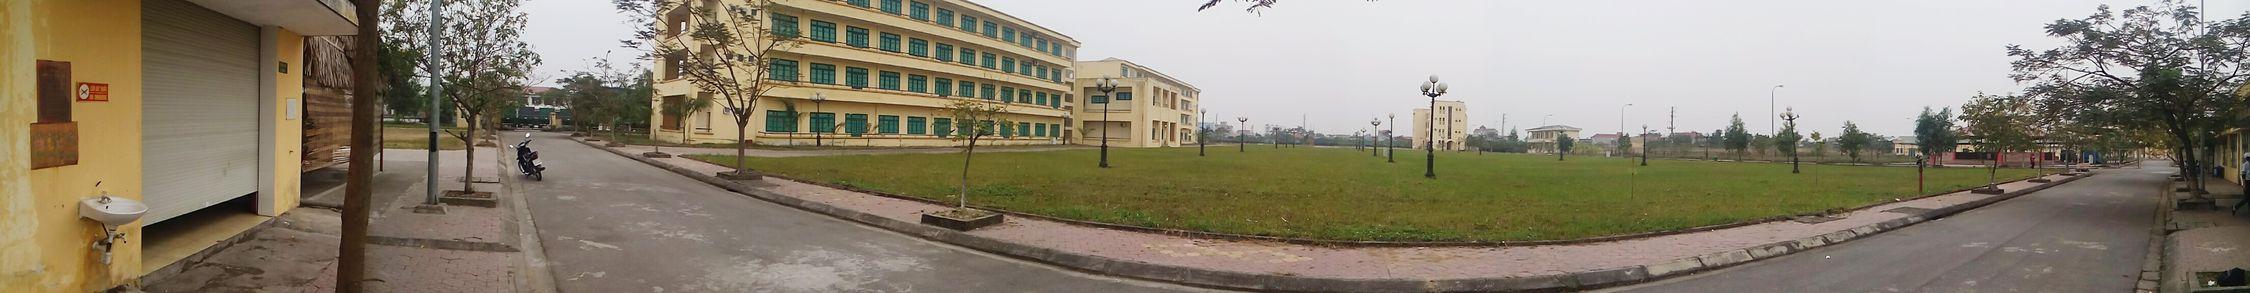 MySchool Caodangdulich I'mchef